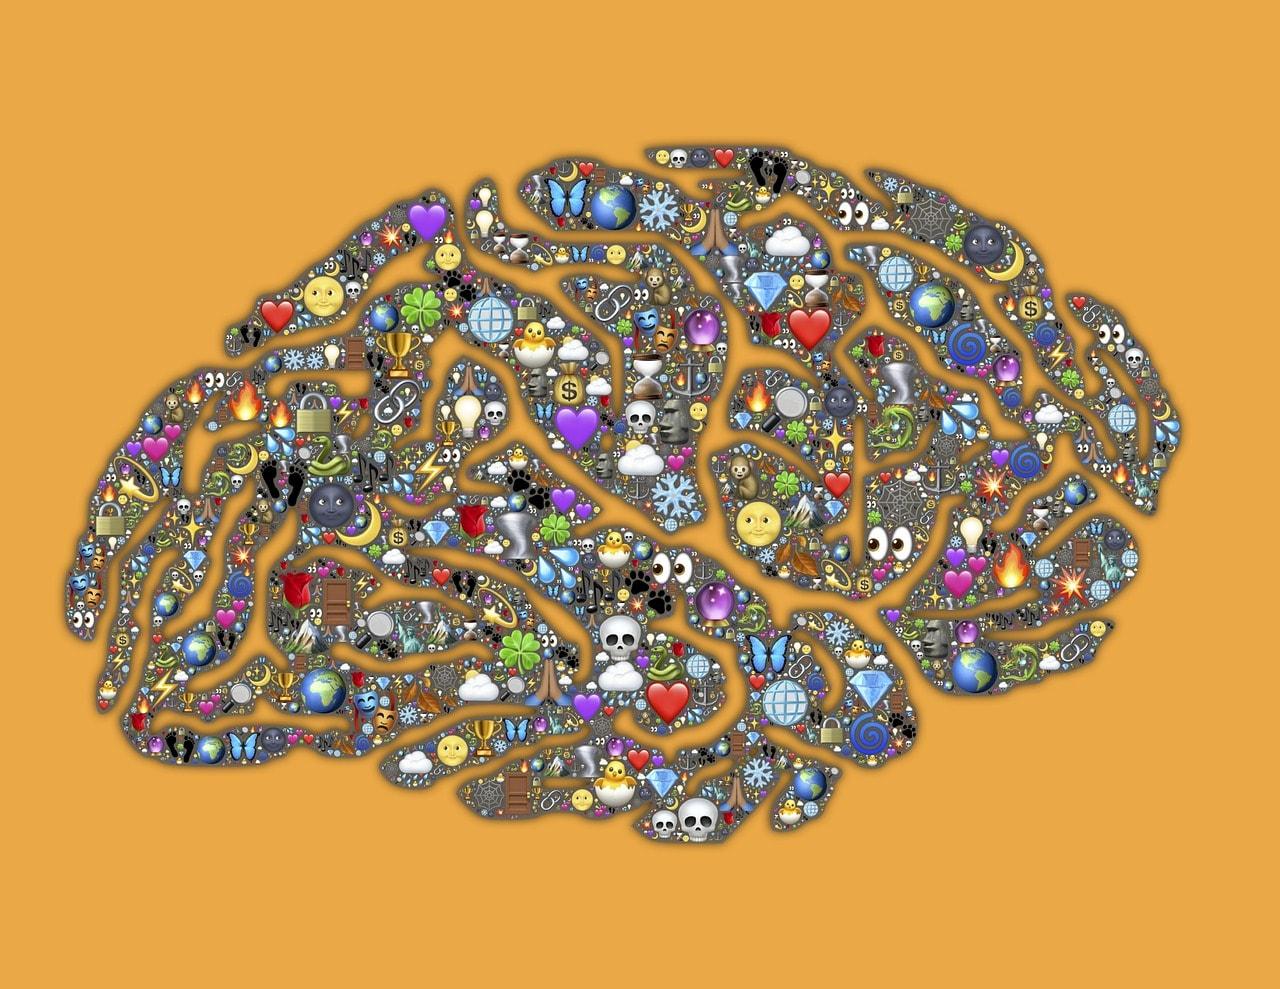 Un magnifique Codex des biais cognitifs pour développer l'esprit critique